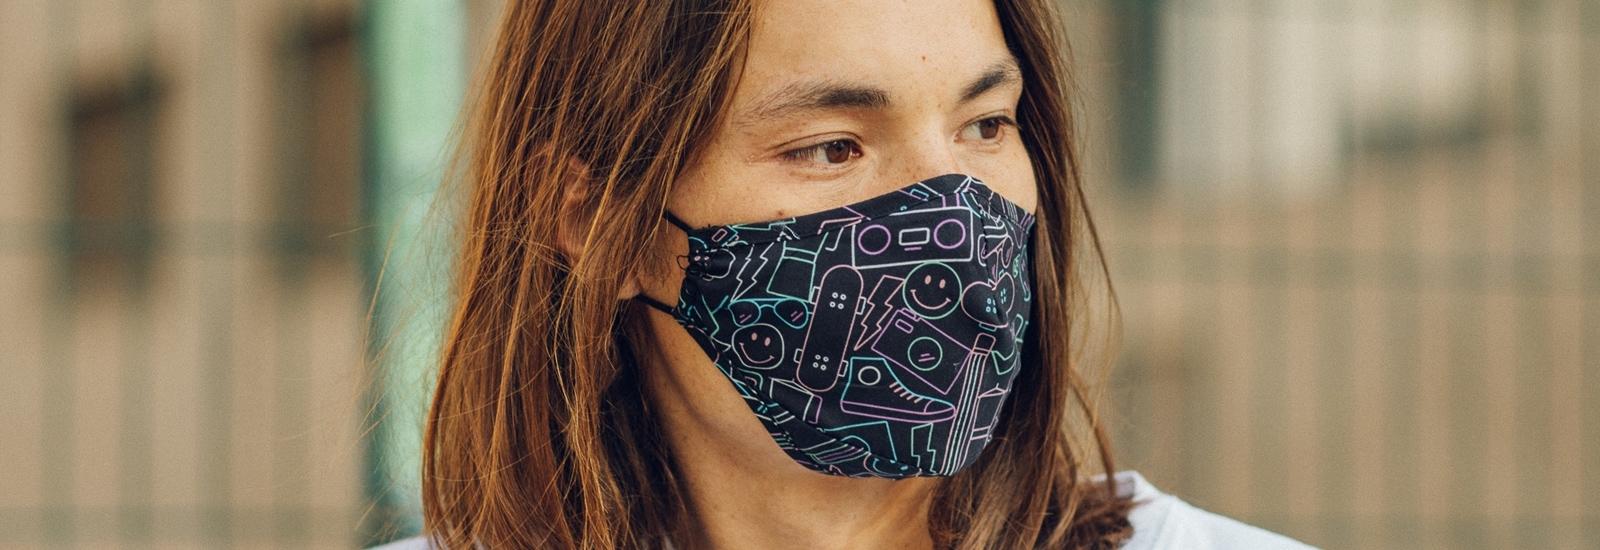 Máscaras - Hydroponic